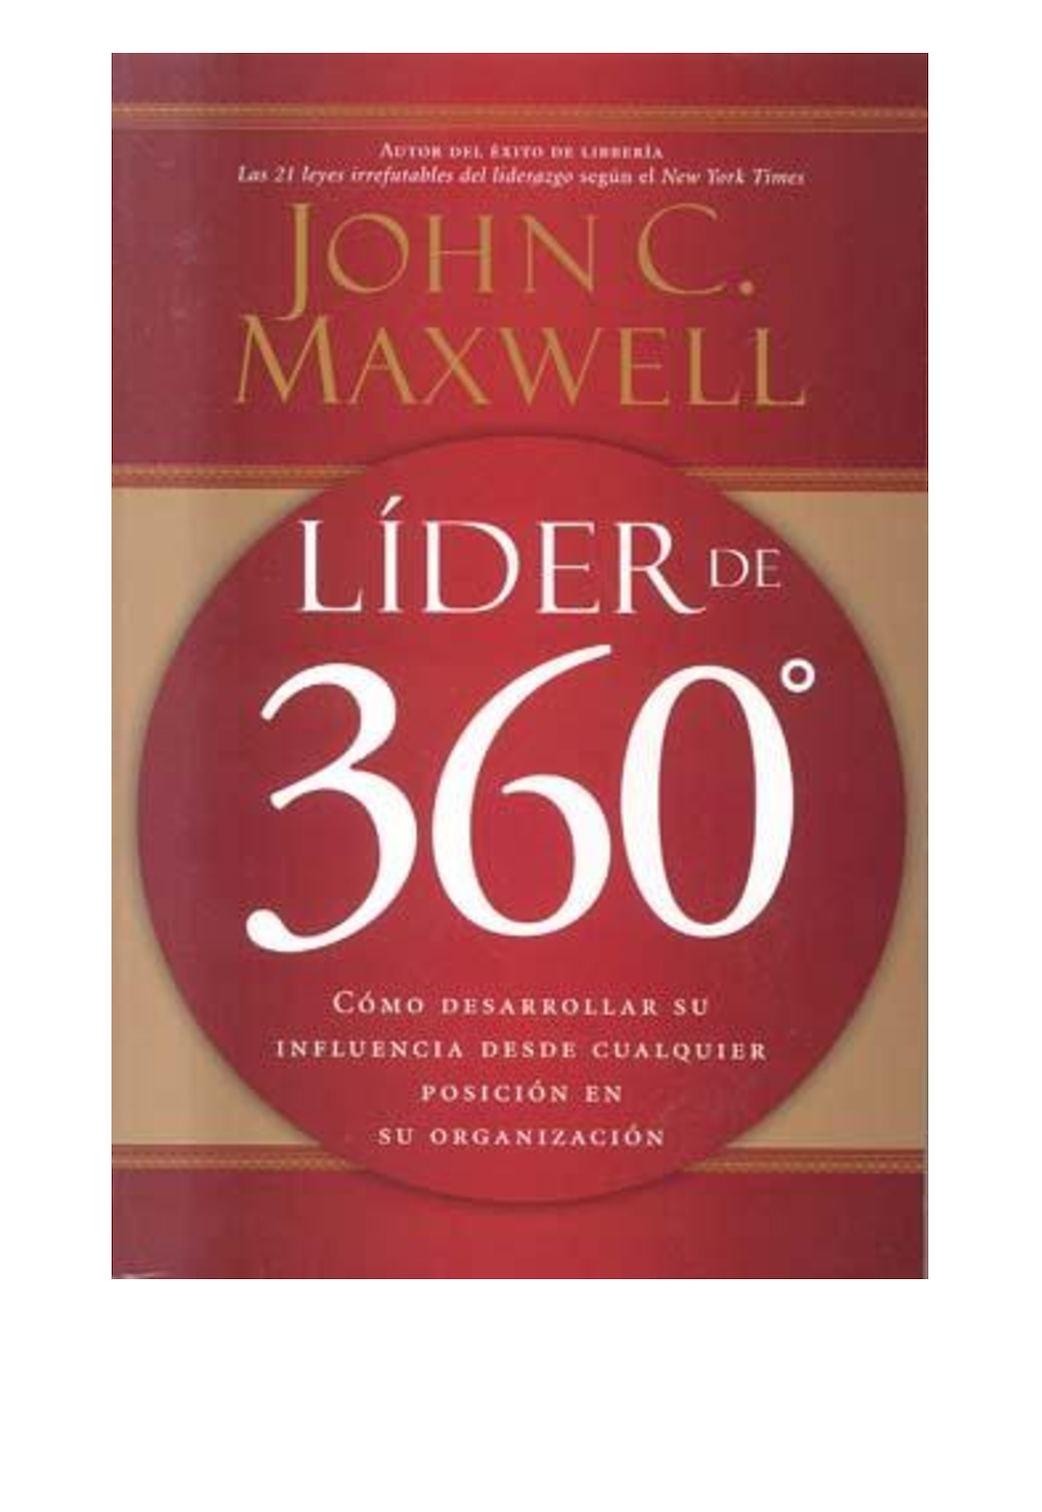 e8aee26a7 Calaméo - John C. Maxwell - O Líder 360 °.